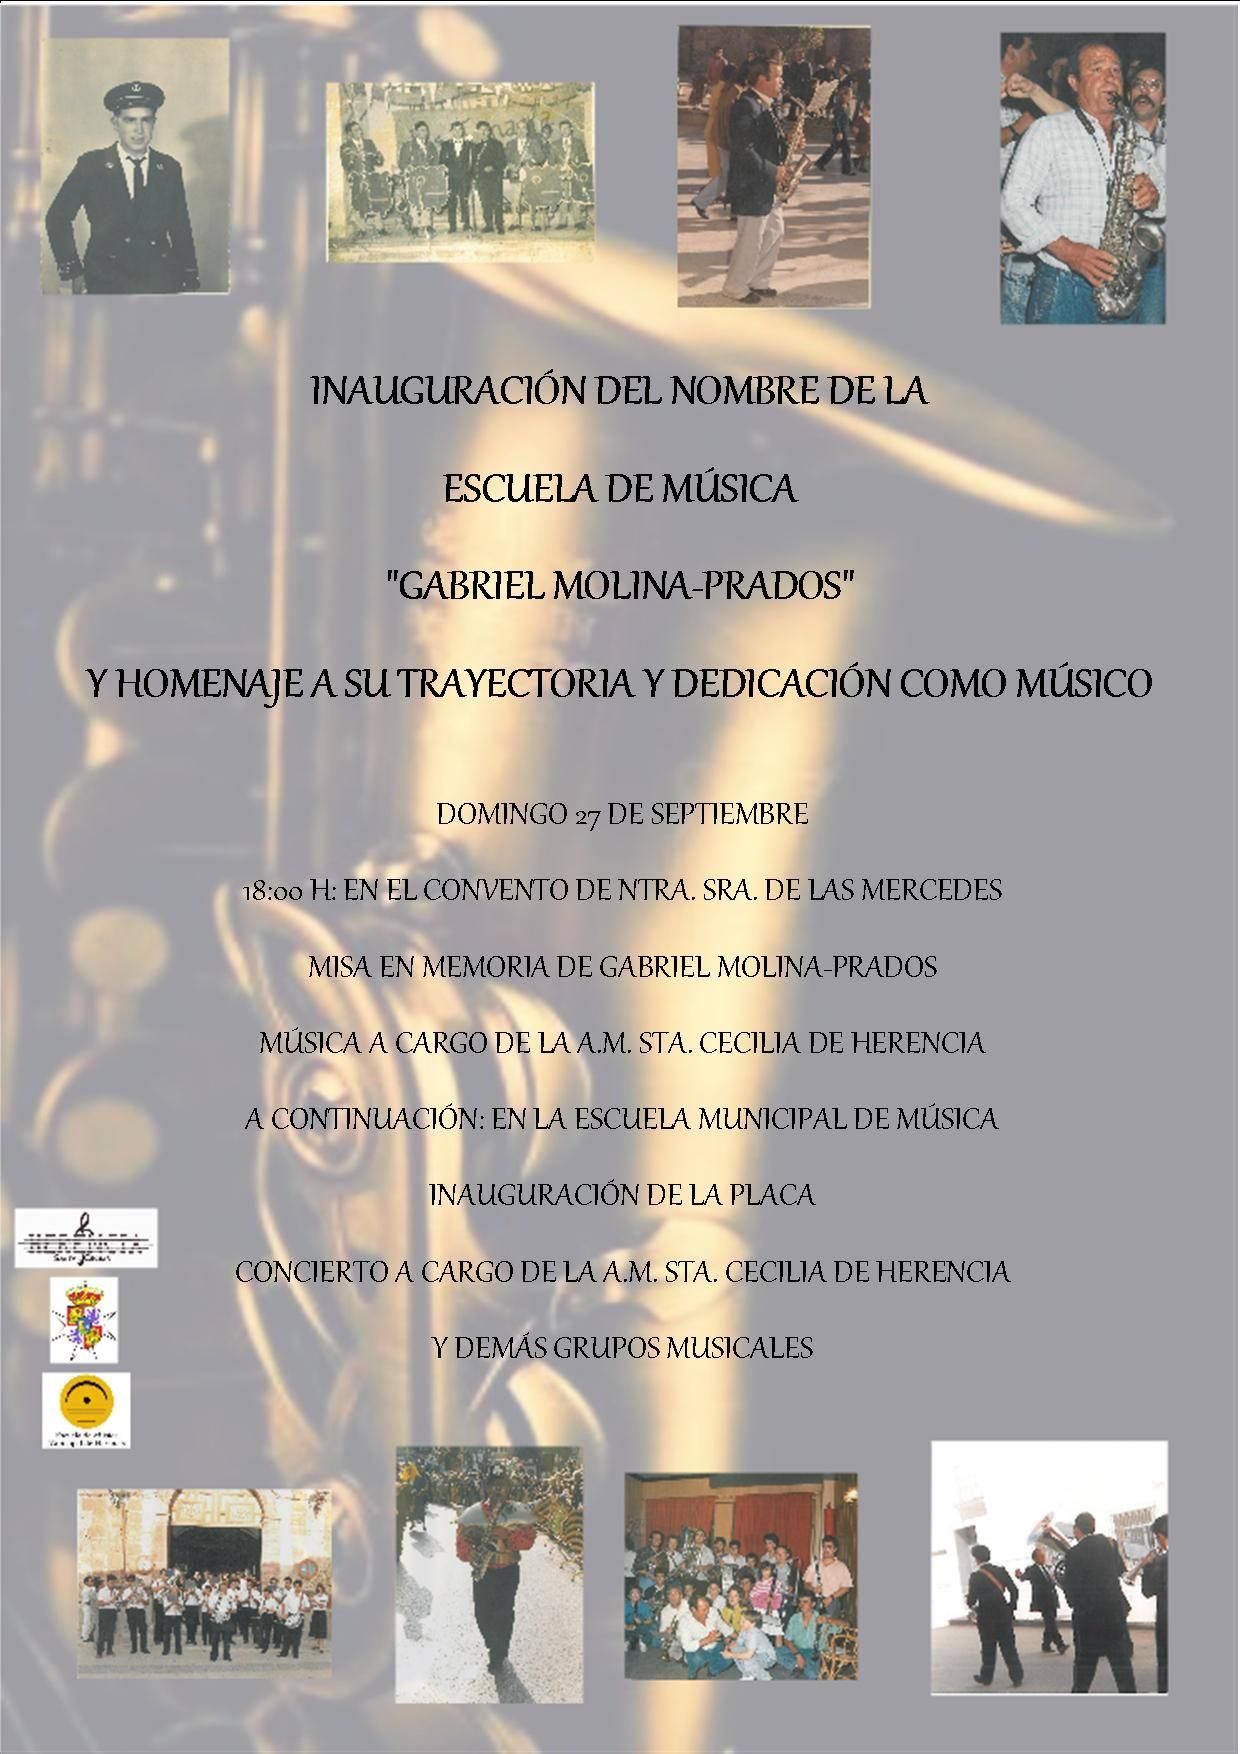 Inauguraci%C3%B3n del nombre de la escuela de m%C3%BAsica de Herencia - Programación de actos para el último día de la feria y fiestas